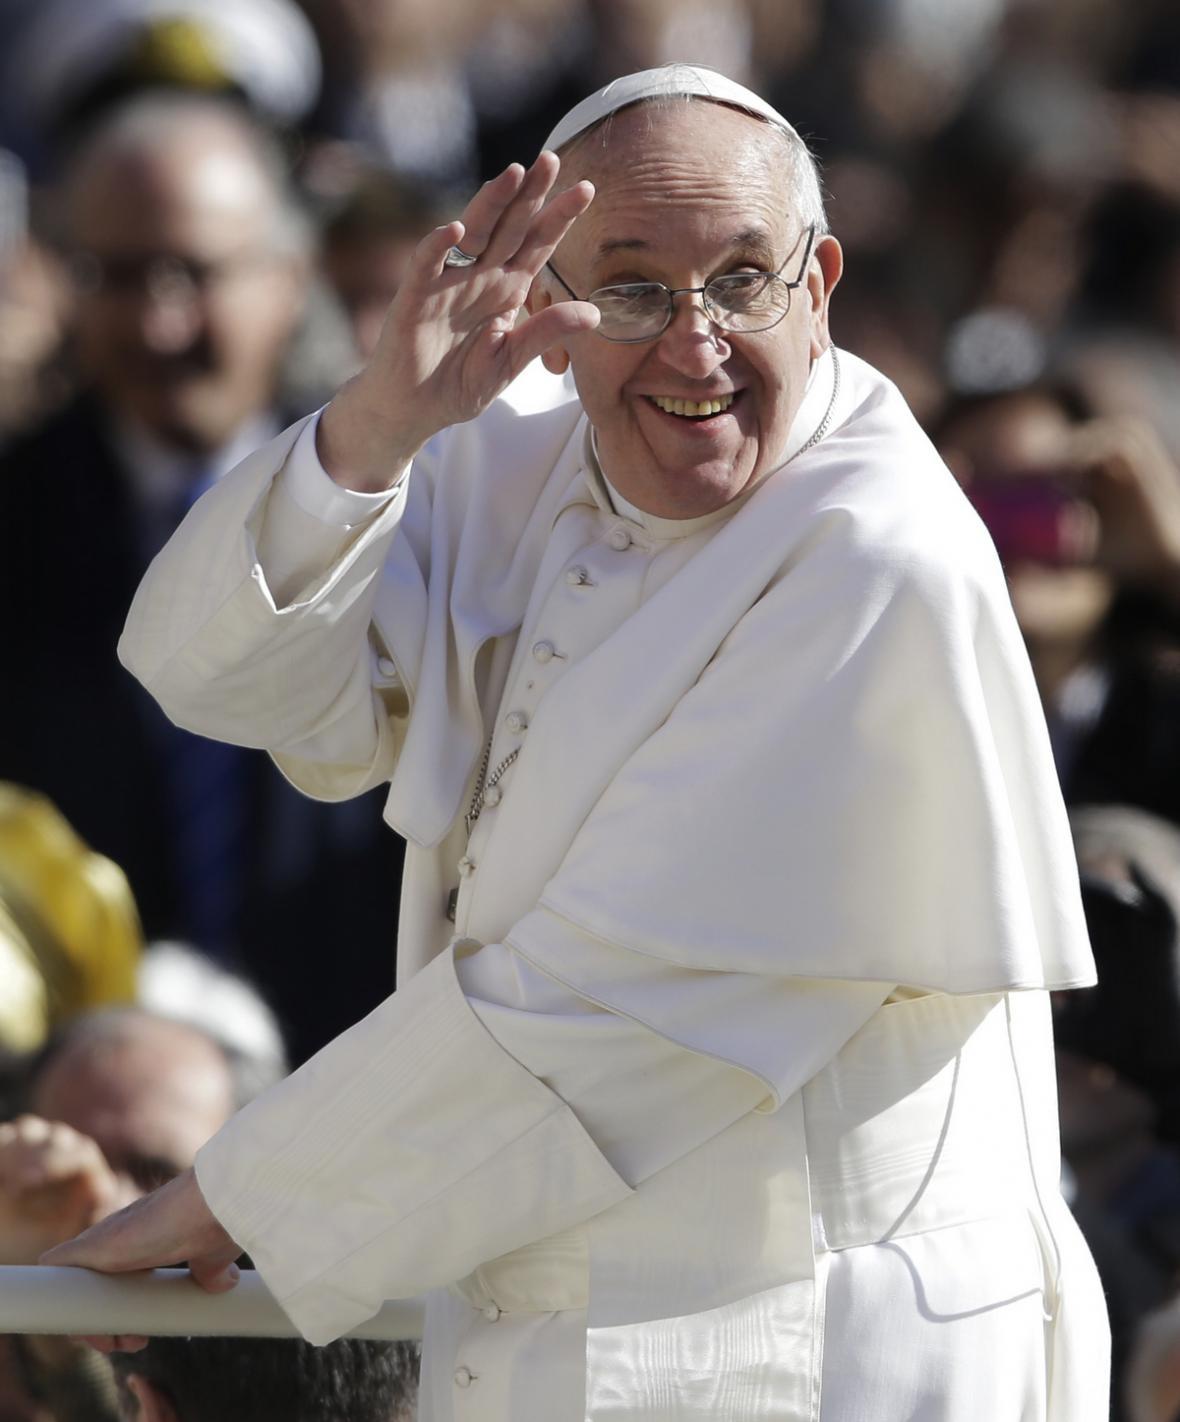 František pozdravil před inaugurací věřící z papamobilu